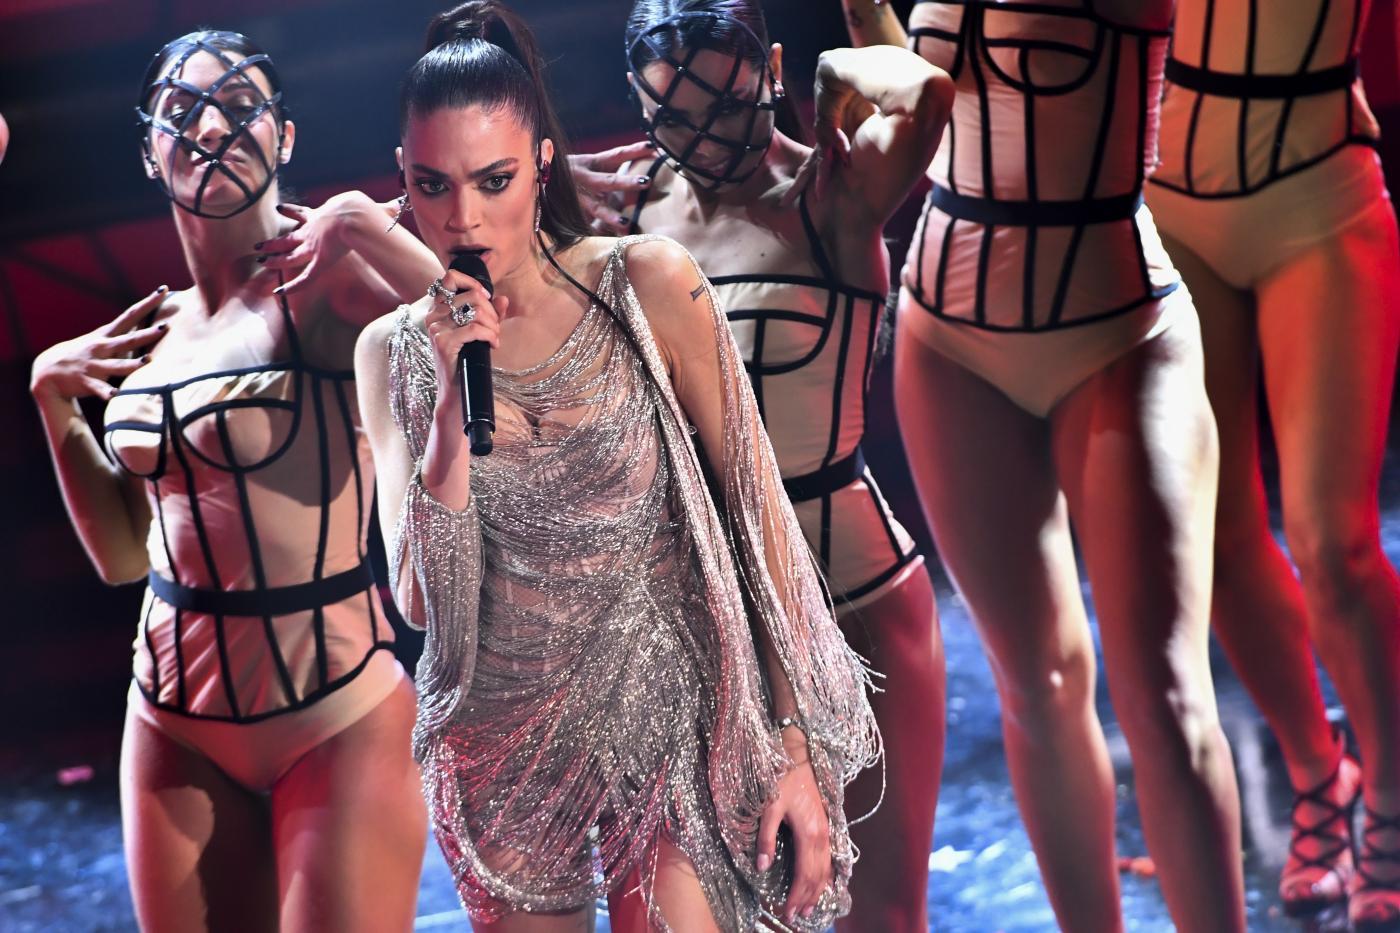 Sanremo 2021. Le pagelle dei look della seconda serata: Elodie diva del Festival, Laura Pausini come una regina. Bugo? Non c'è!